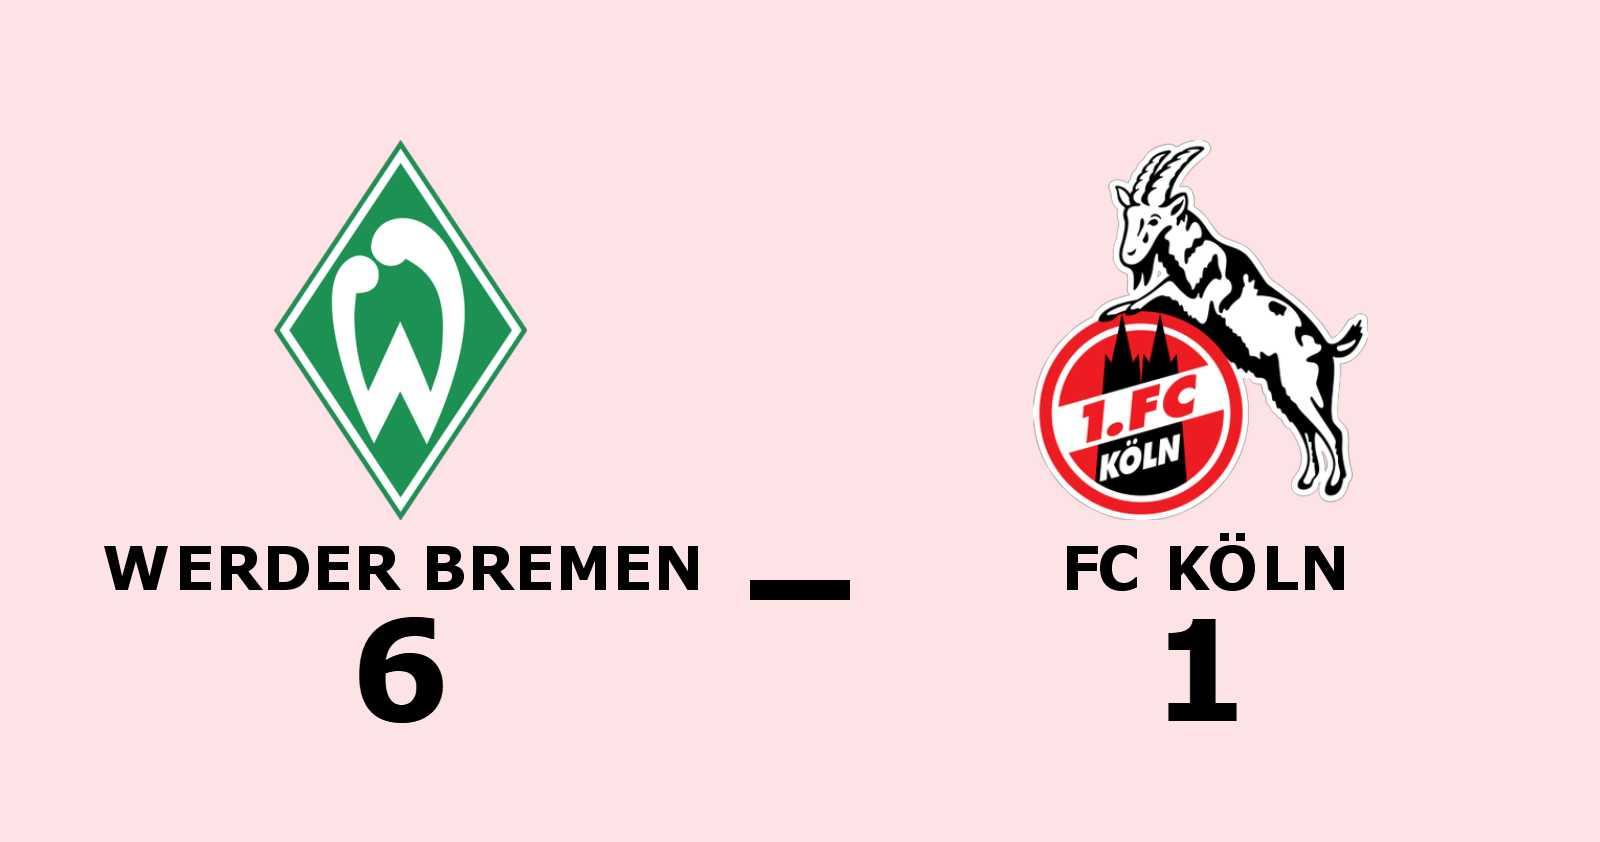 Målfest när Werder Bremen besegrade FC Köln